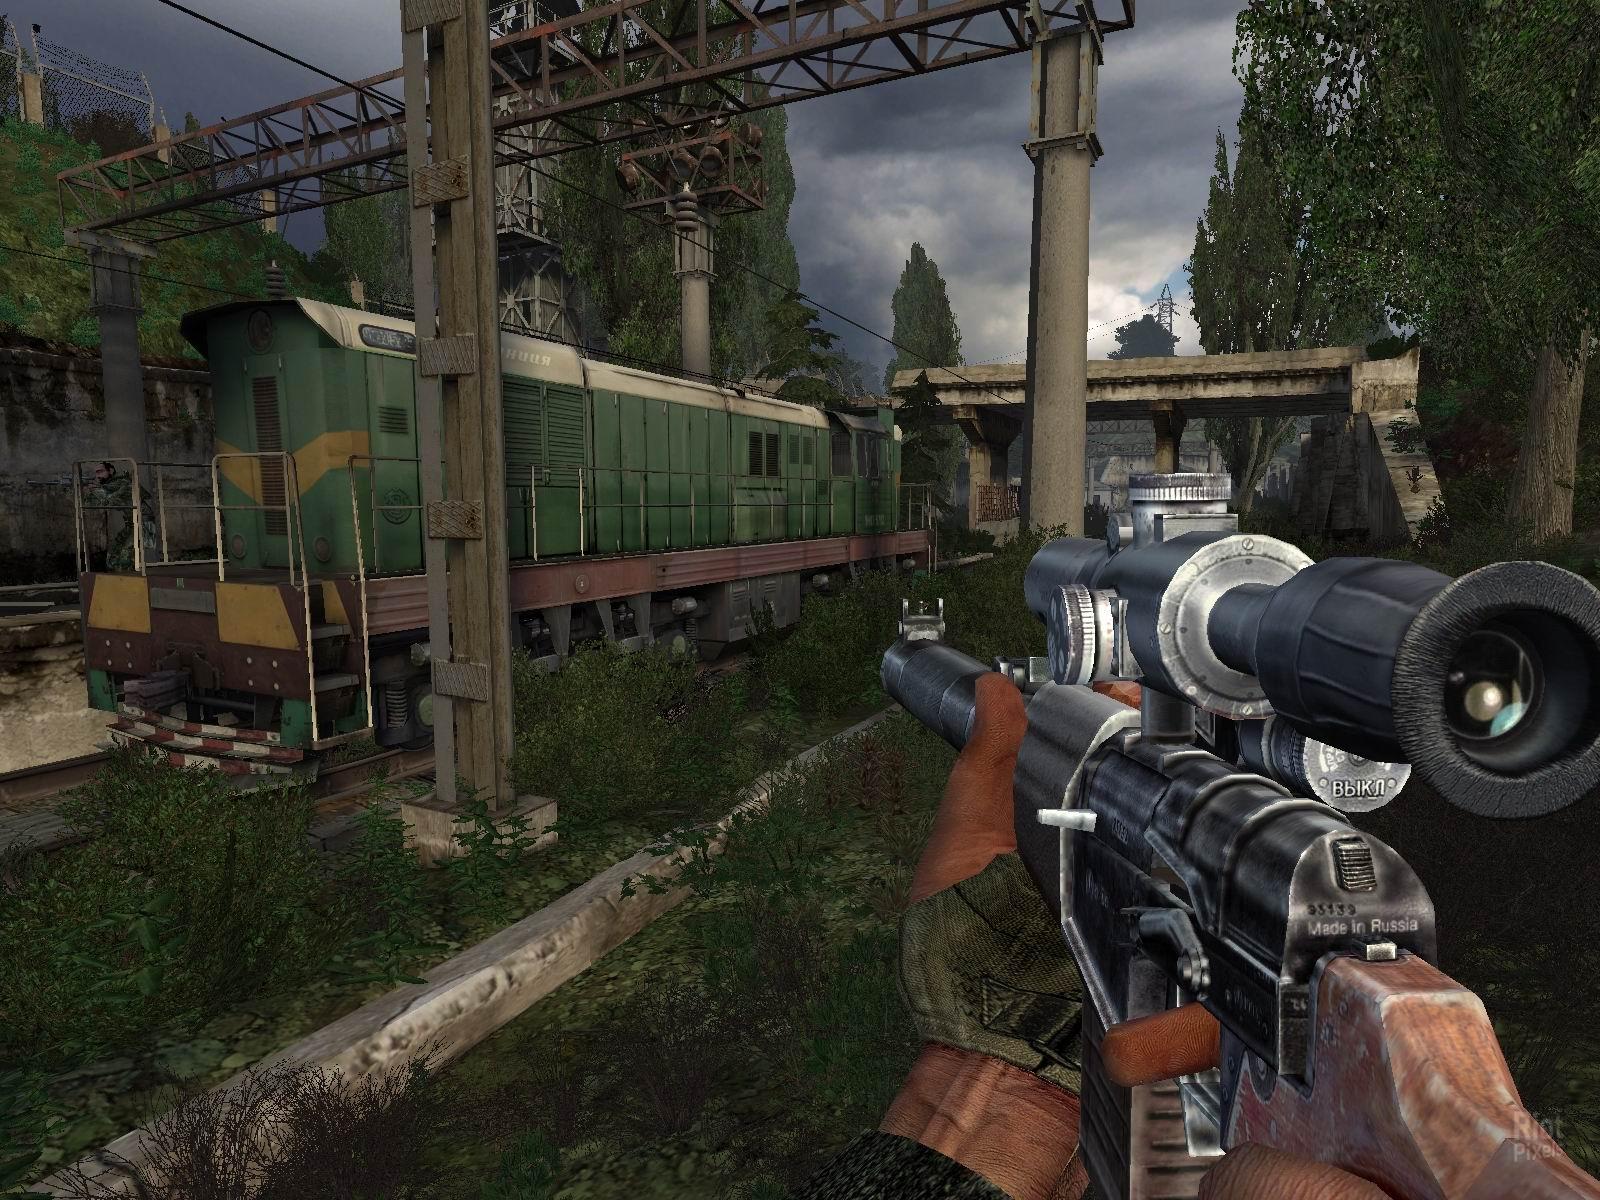 В компьютерной игре S.T.A.L.K.E.R. Тень Чернобыля часто выд.